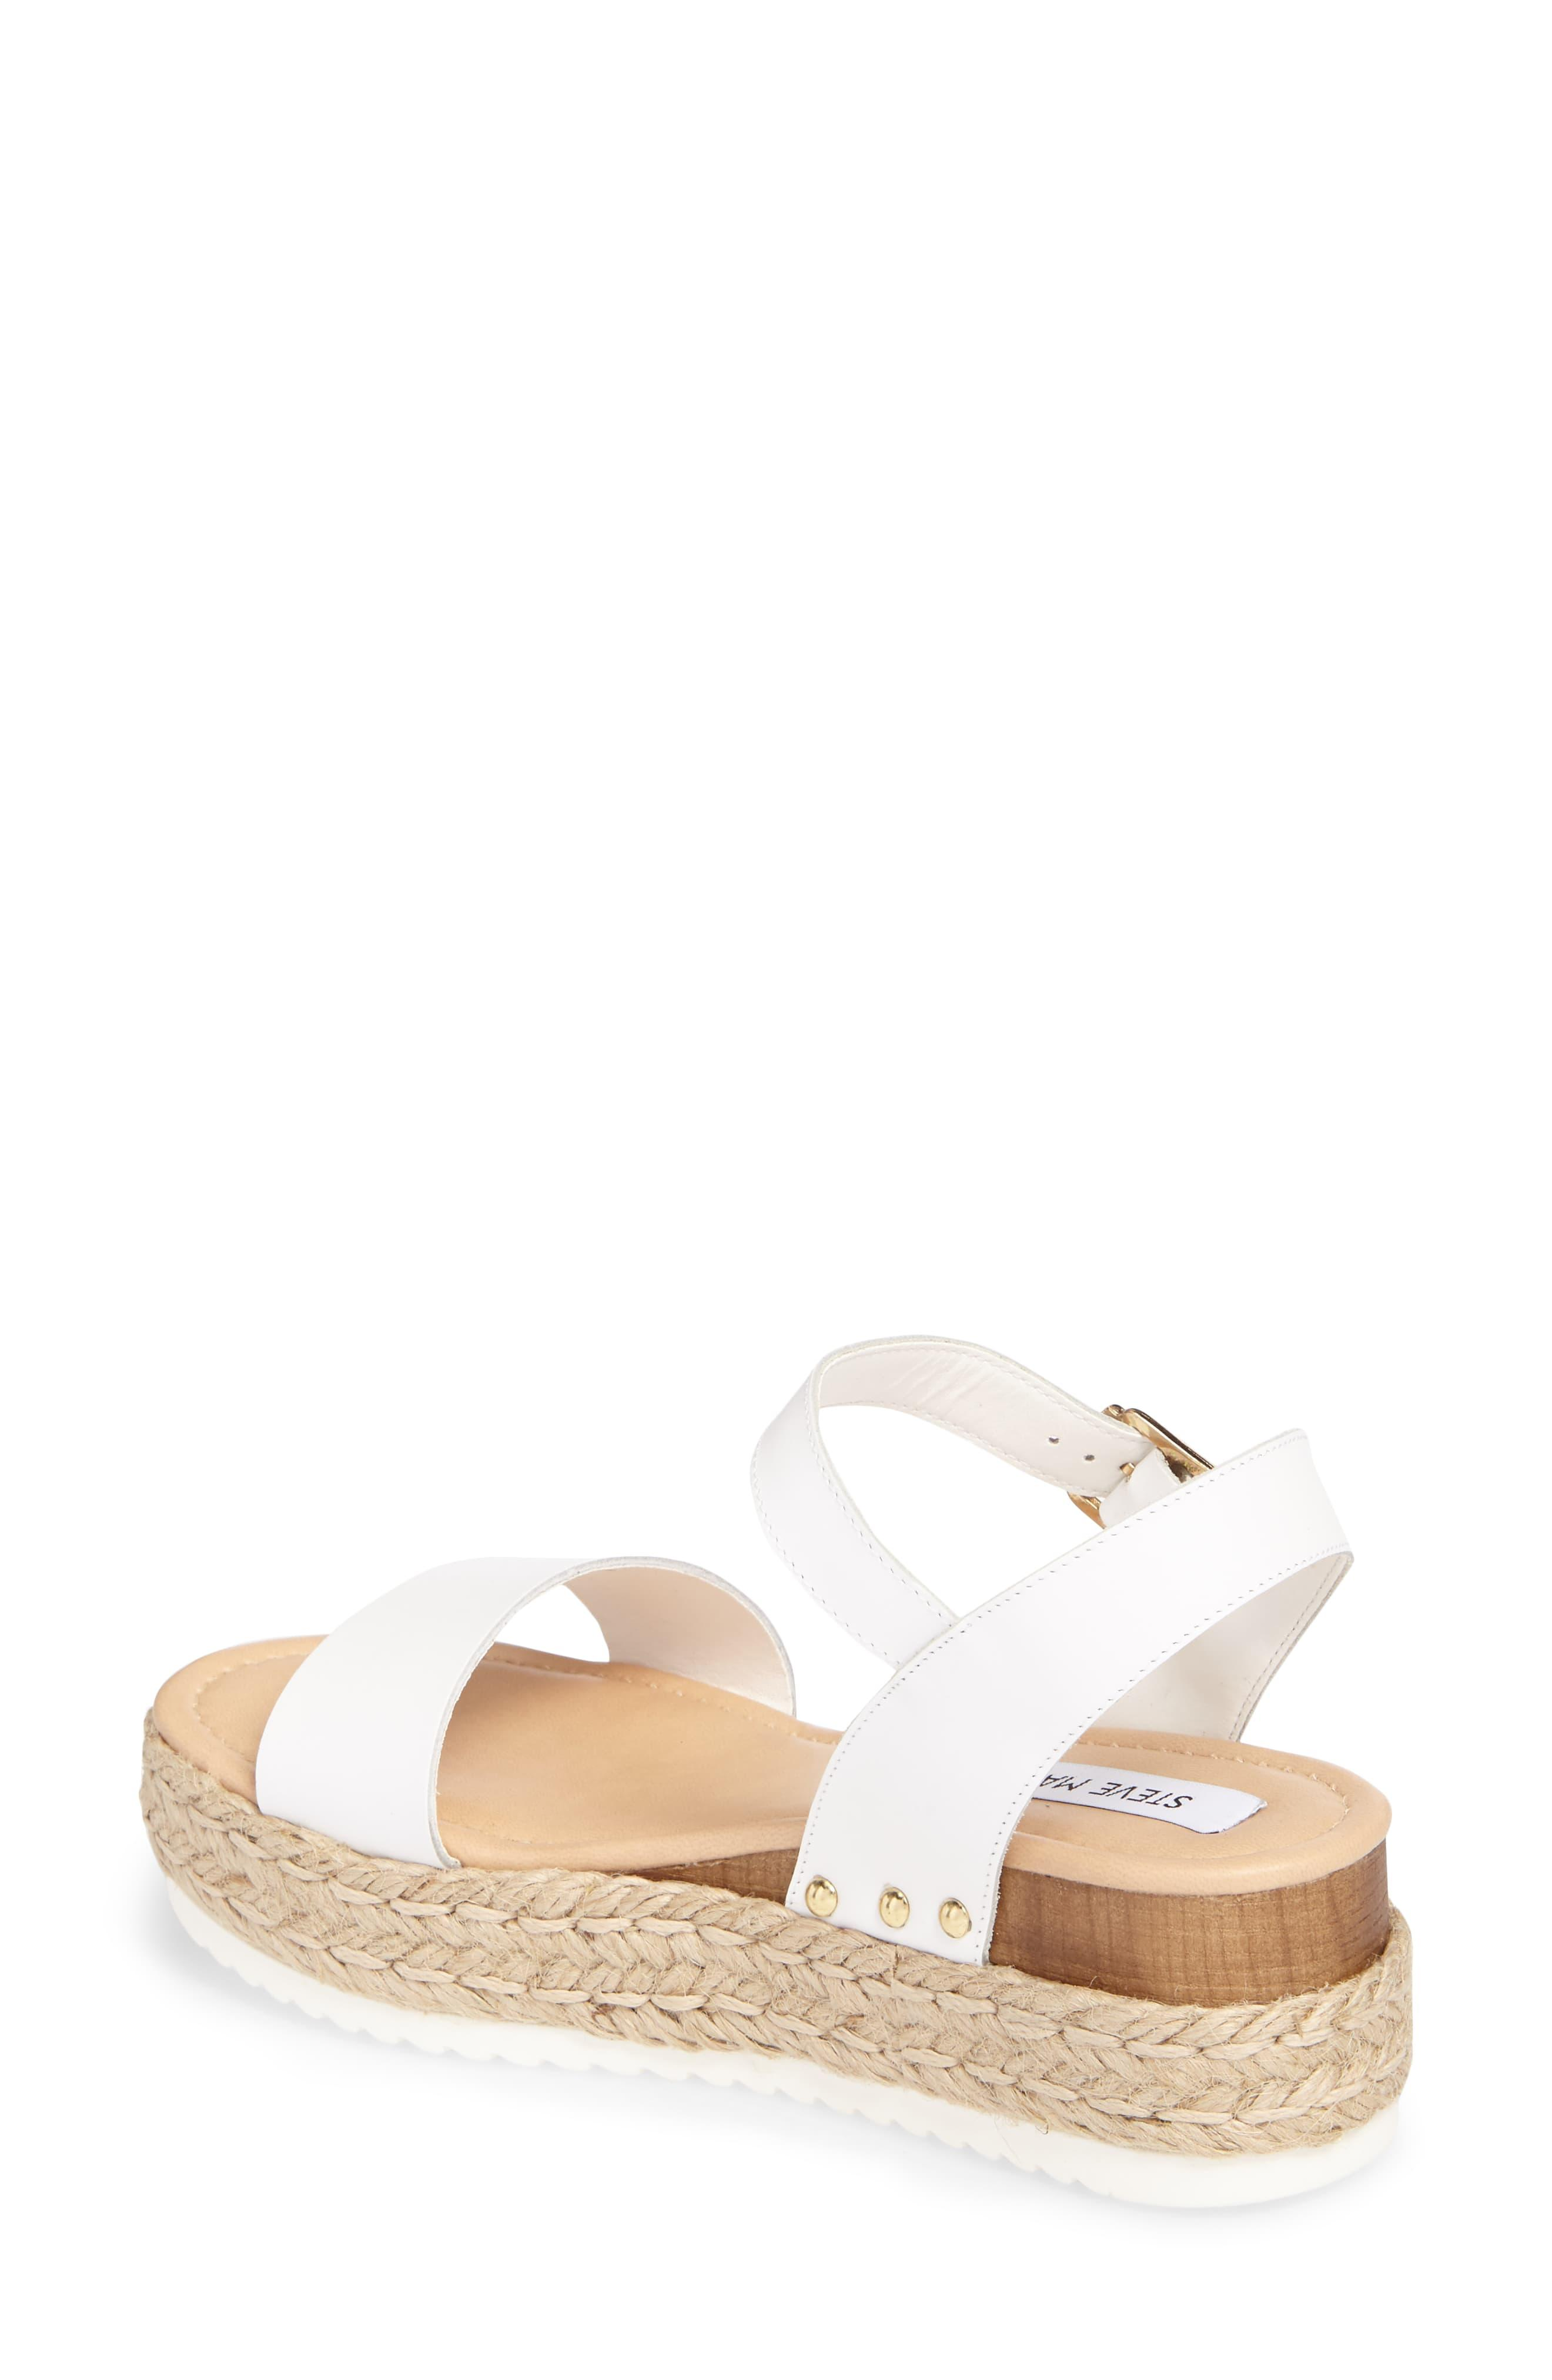 5645fd0367 Steve Madden Chiara Flatform Espadrille Sandals in White - Lyst